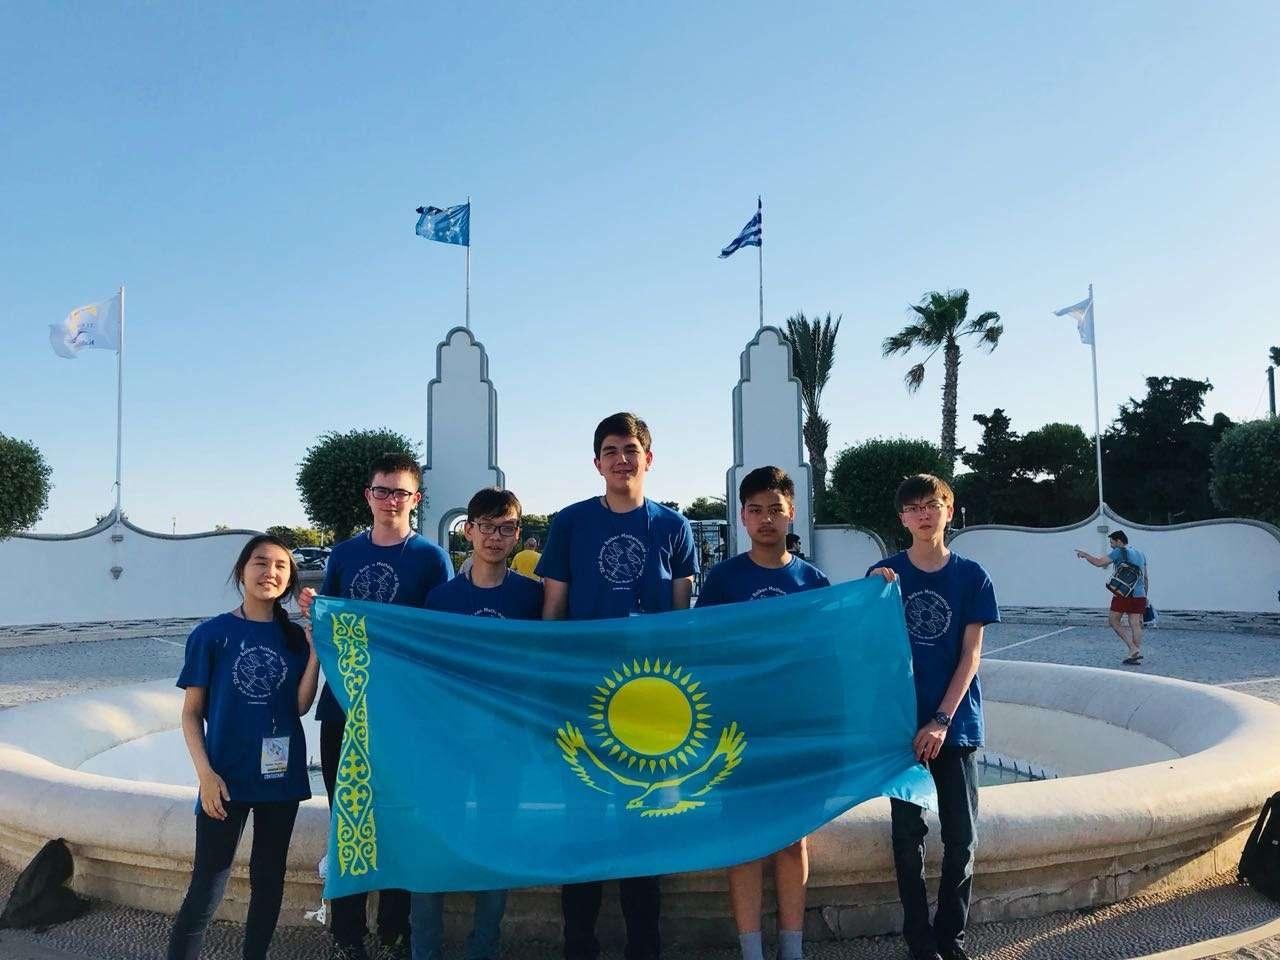 Сборная Казахстана оказалась сильнейшей в решении геометрических задач